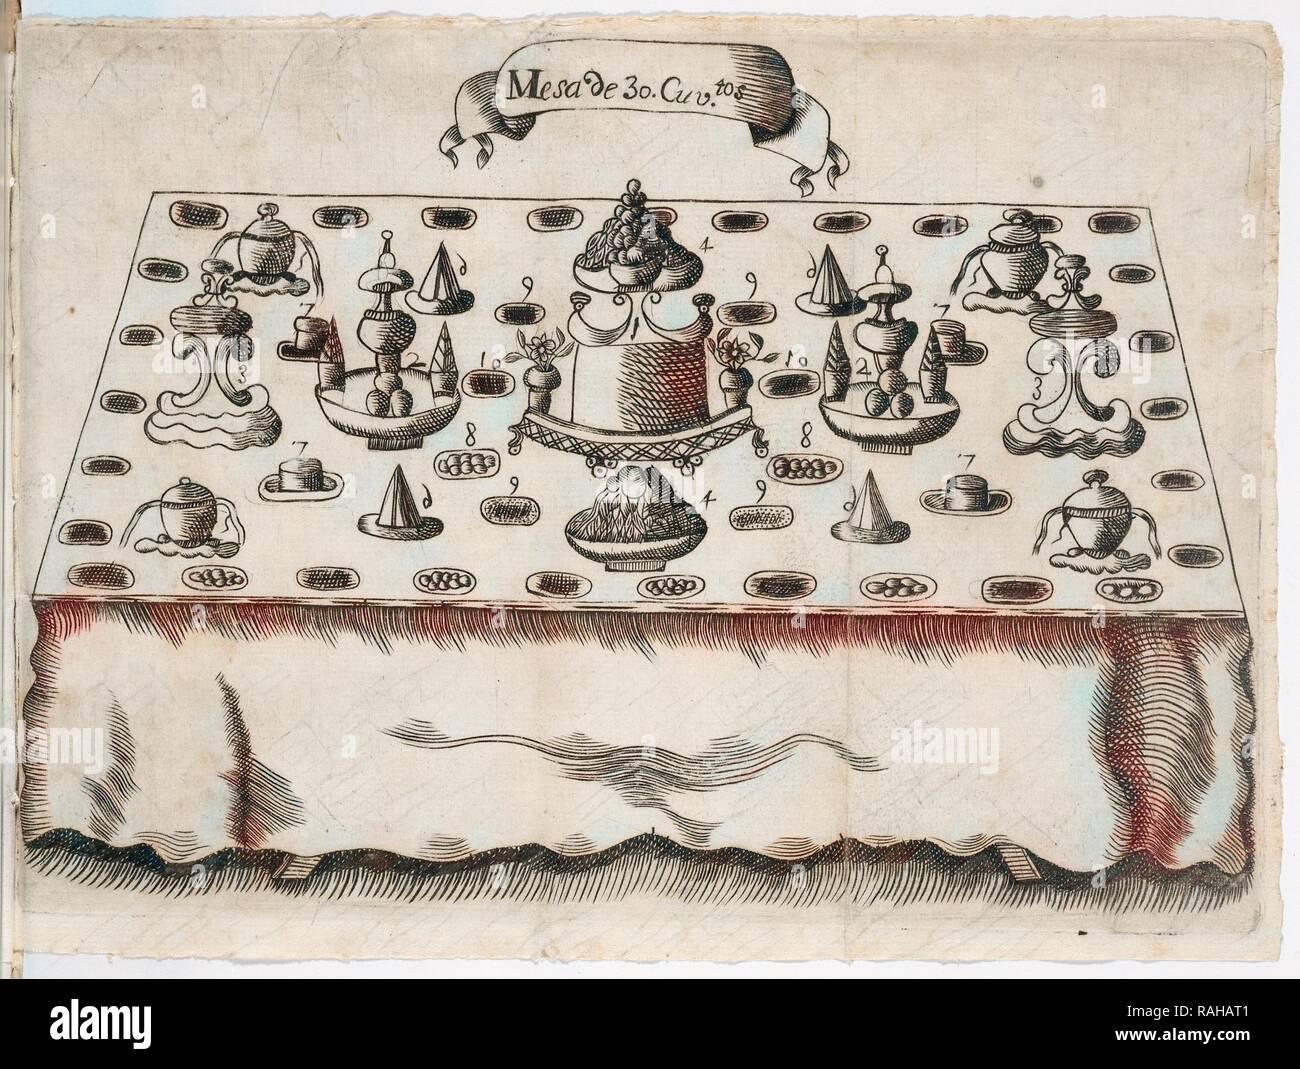 Mesa de 30. cuviertos, Arte de la repostería, en que se contiene todo genero de hacer dulces secos, y en lìquido reinventado Imagen De Stock